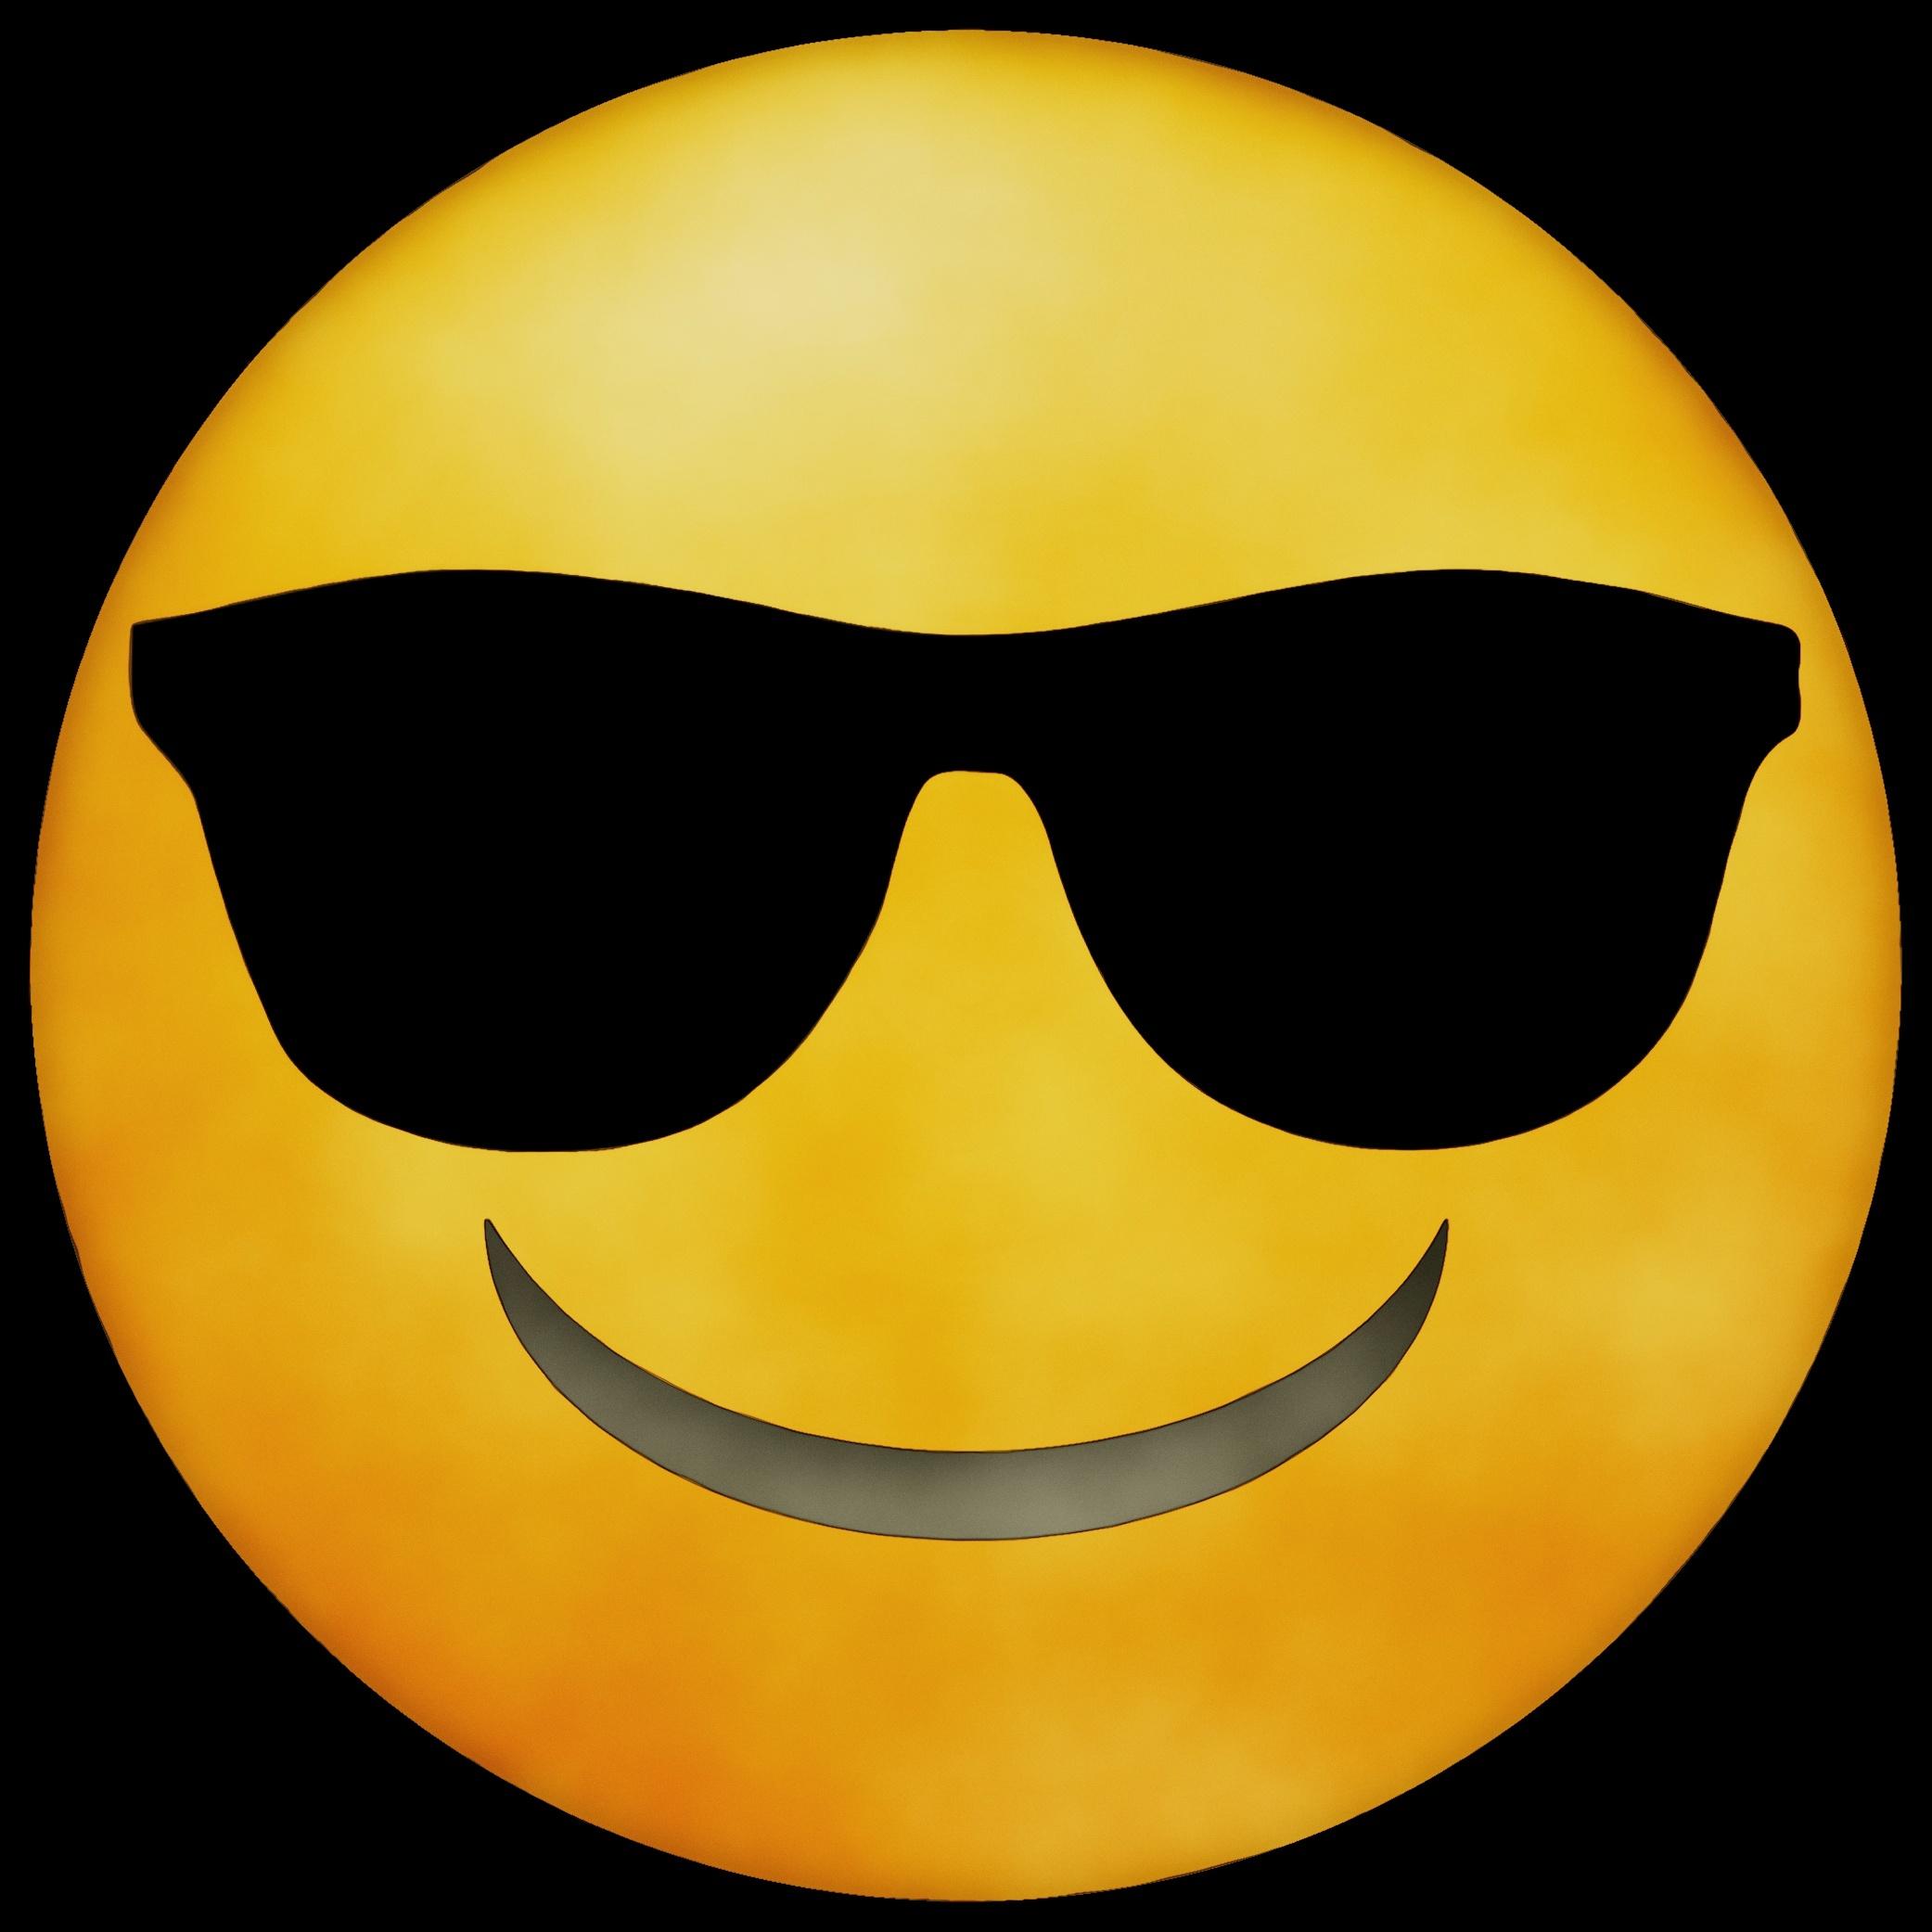 Emoji Smiley Clip art Emoticon Face.